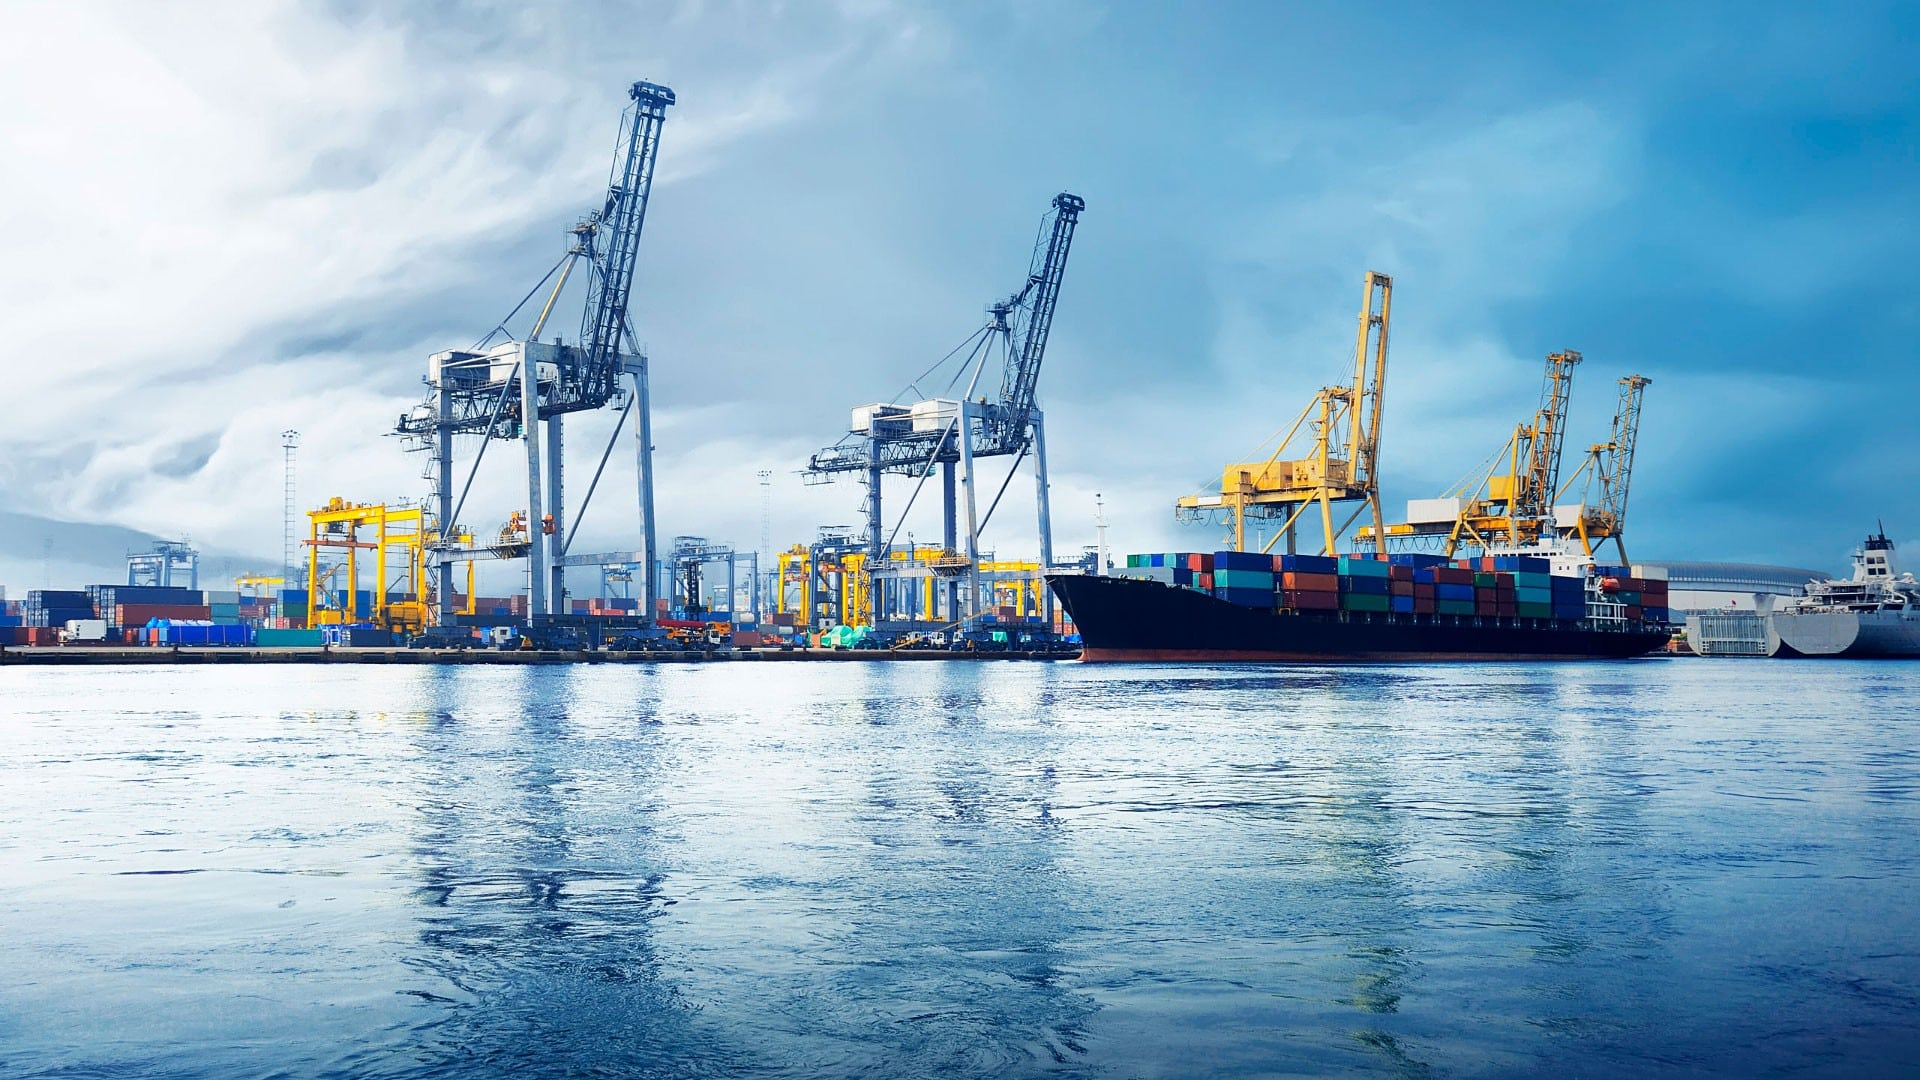 SOGET, leader mondial en solution digitale pour facilitation portuaire